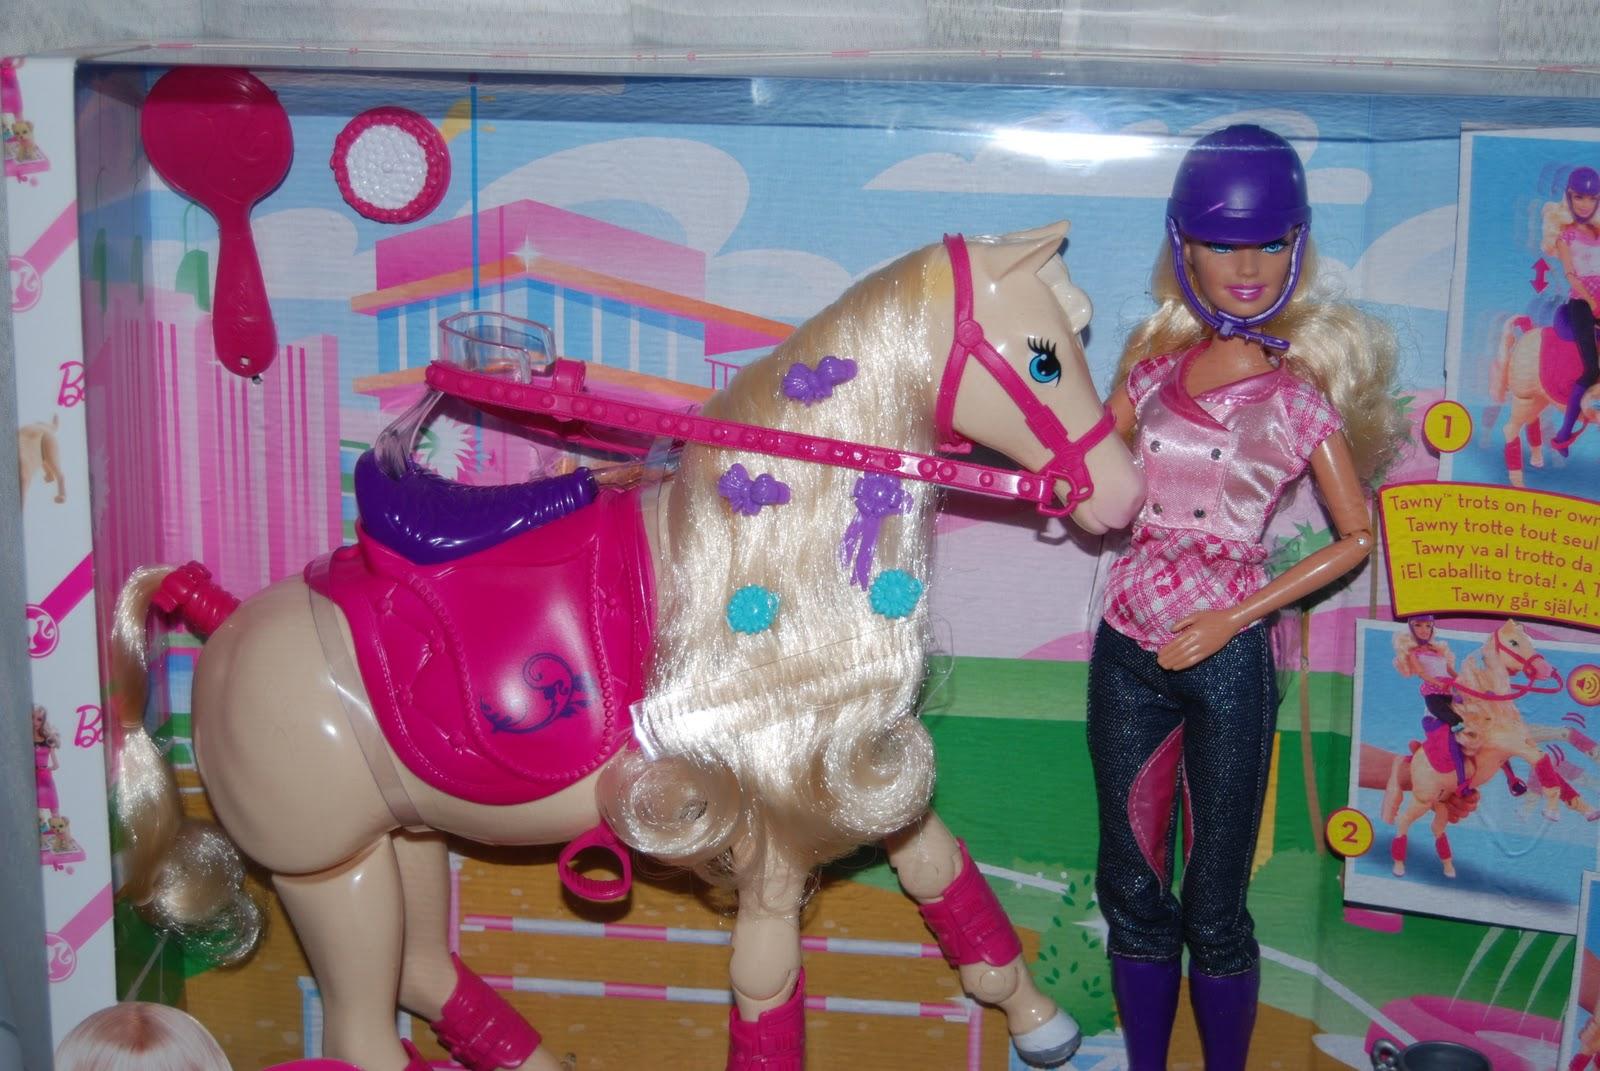 Las cosas de sonia barbie and tawny campeon de saltos - Cosas para la casa de barbie ...